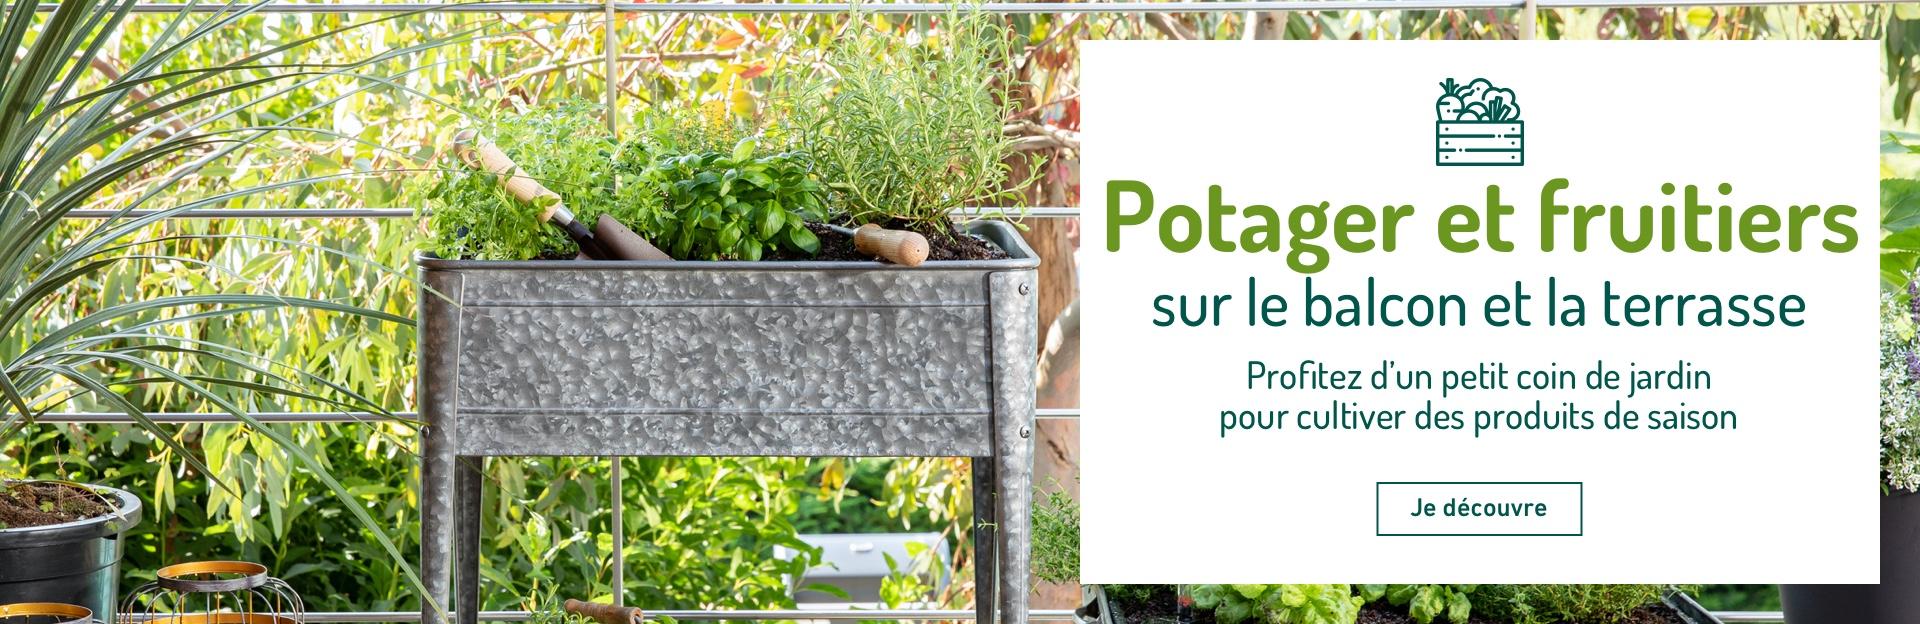 Mon potager et mes fruitiers sur le balcon / la terrasse